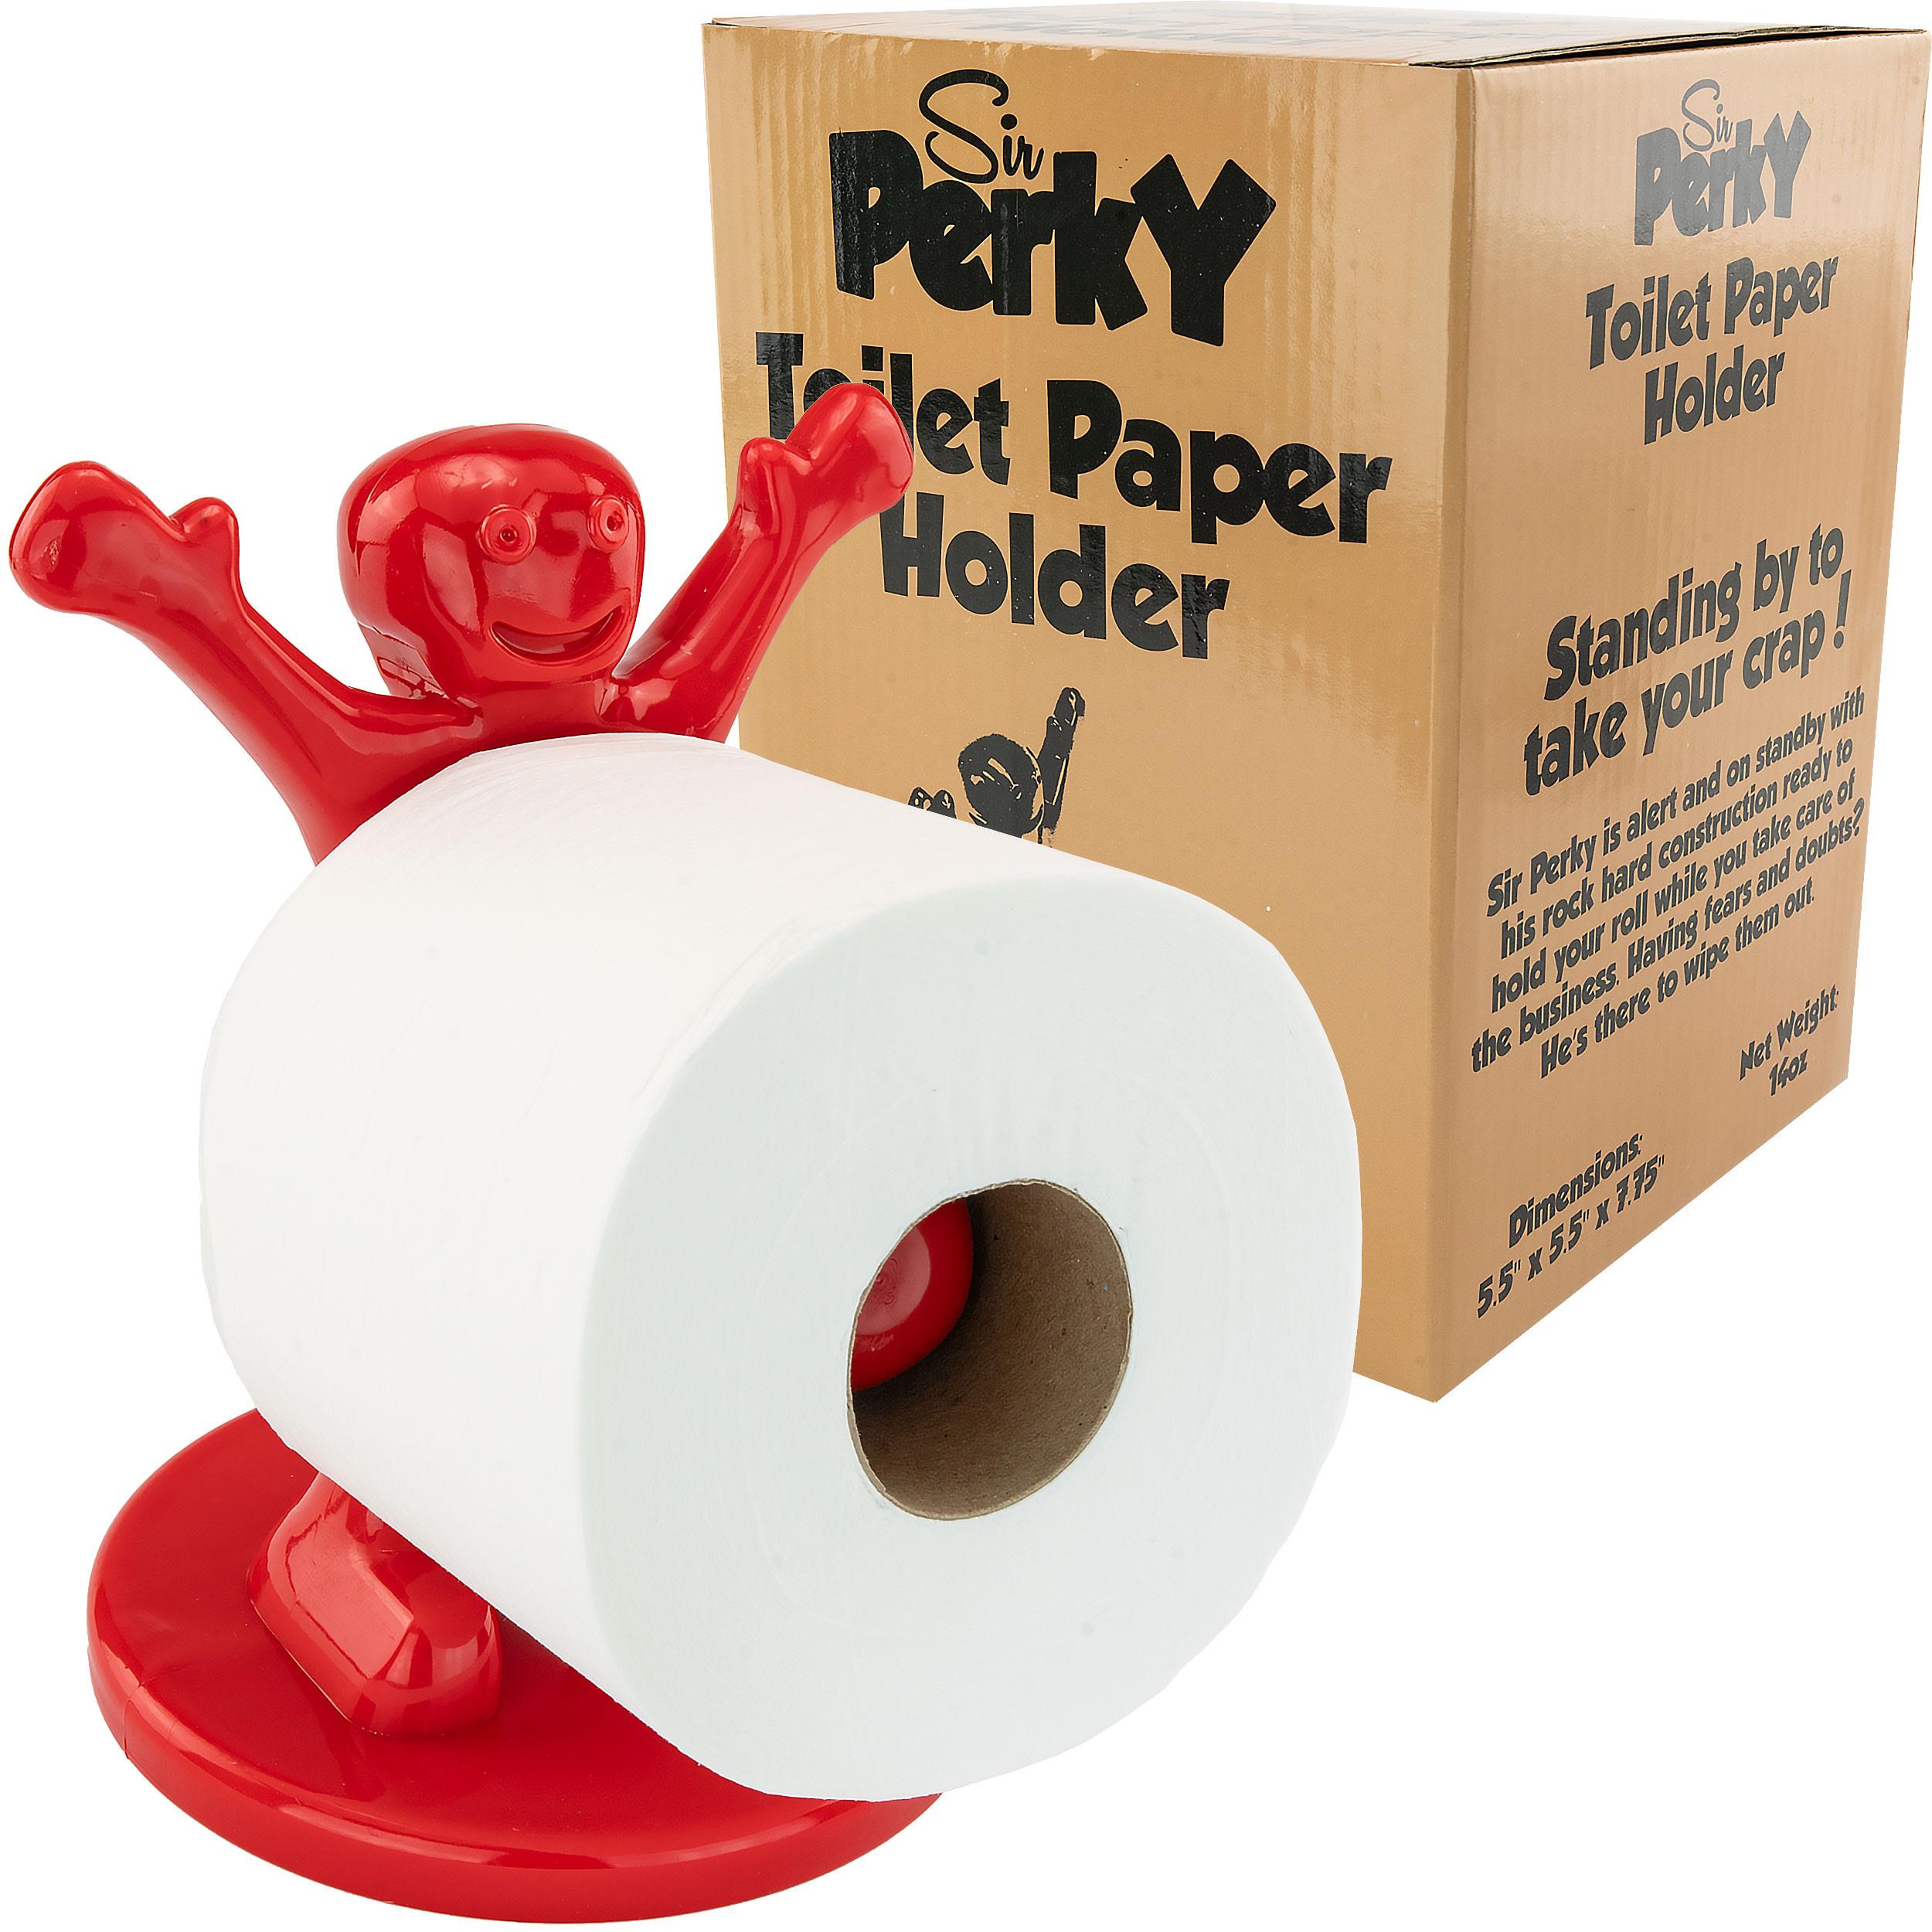 Sir Perky Novelty Gag Gift Toilet Paper Holder